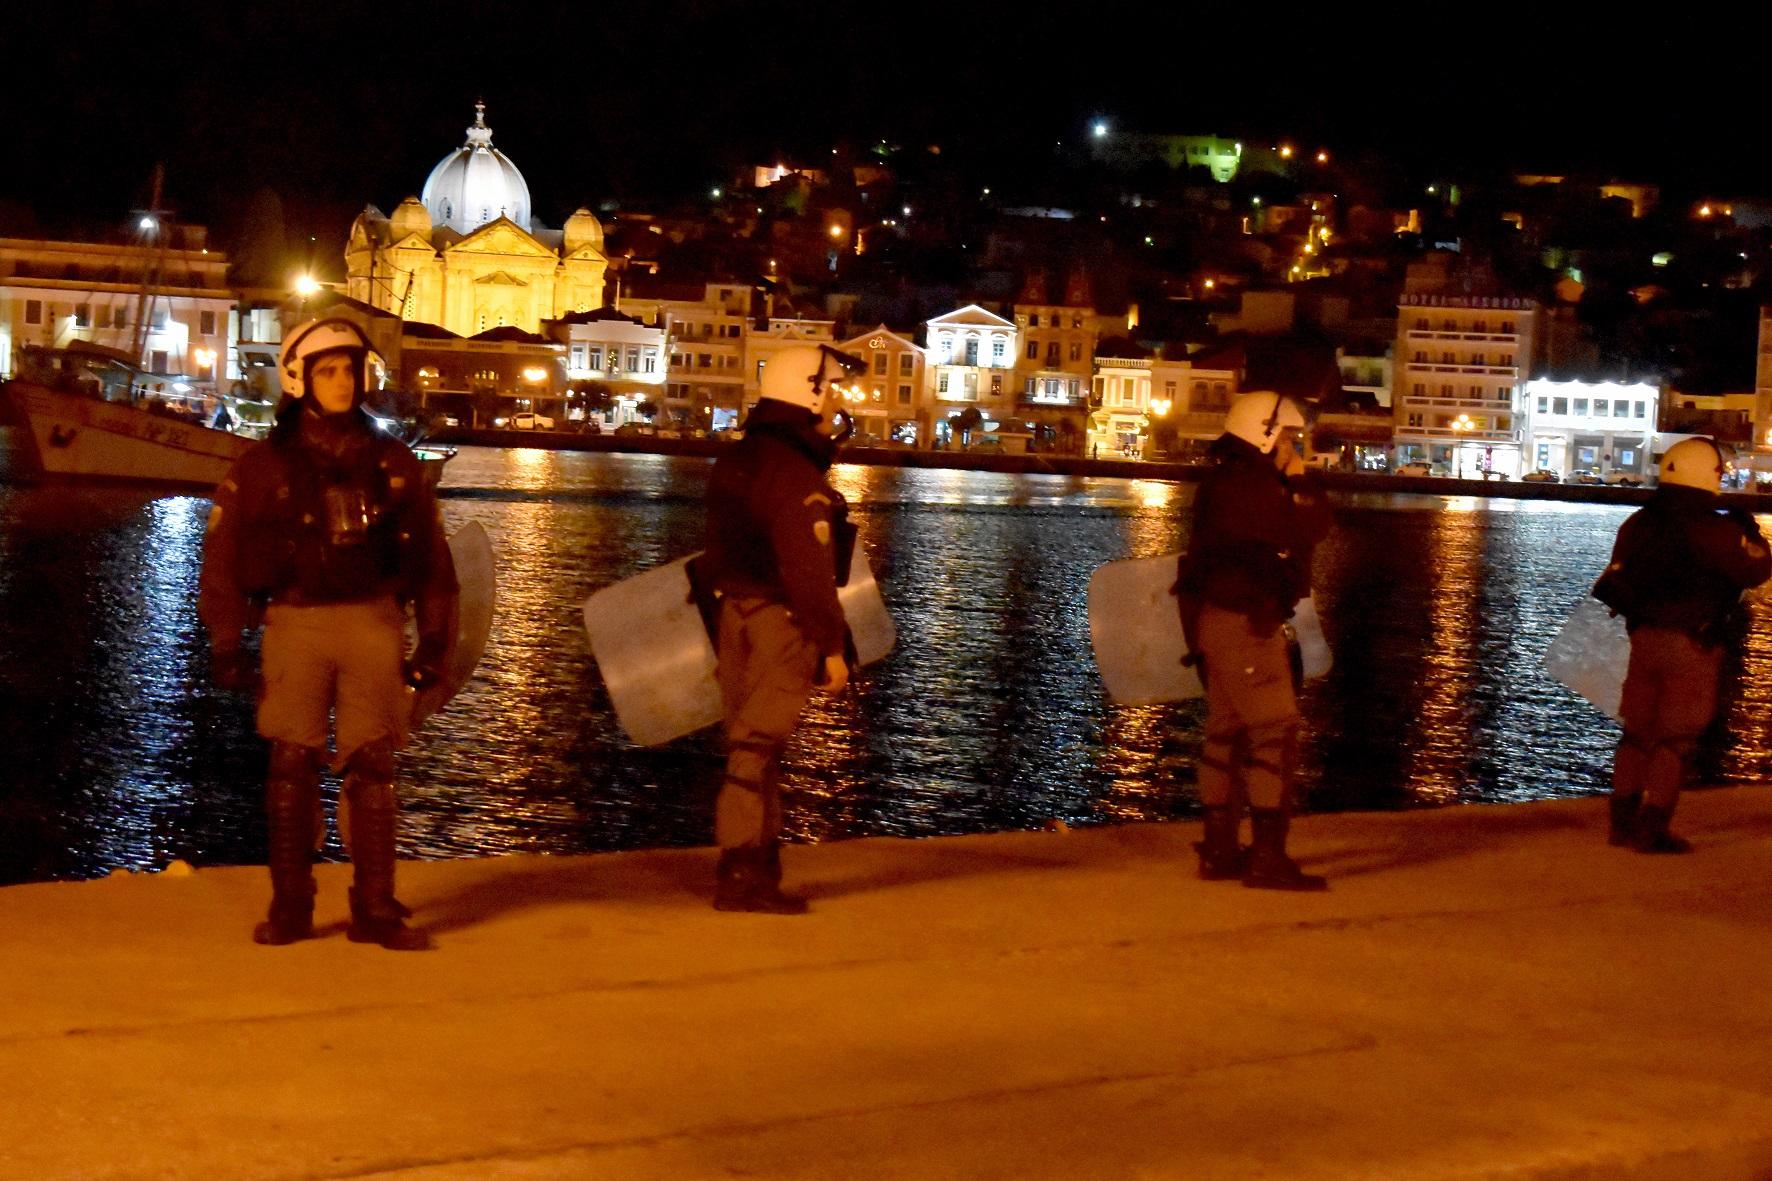 Η Ελλάδα απειλείται από την Τουρκία αλλά τα ΜΑΤ δέρνουν τους κατοίκους των ακριτικών νησιών μας…